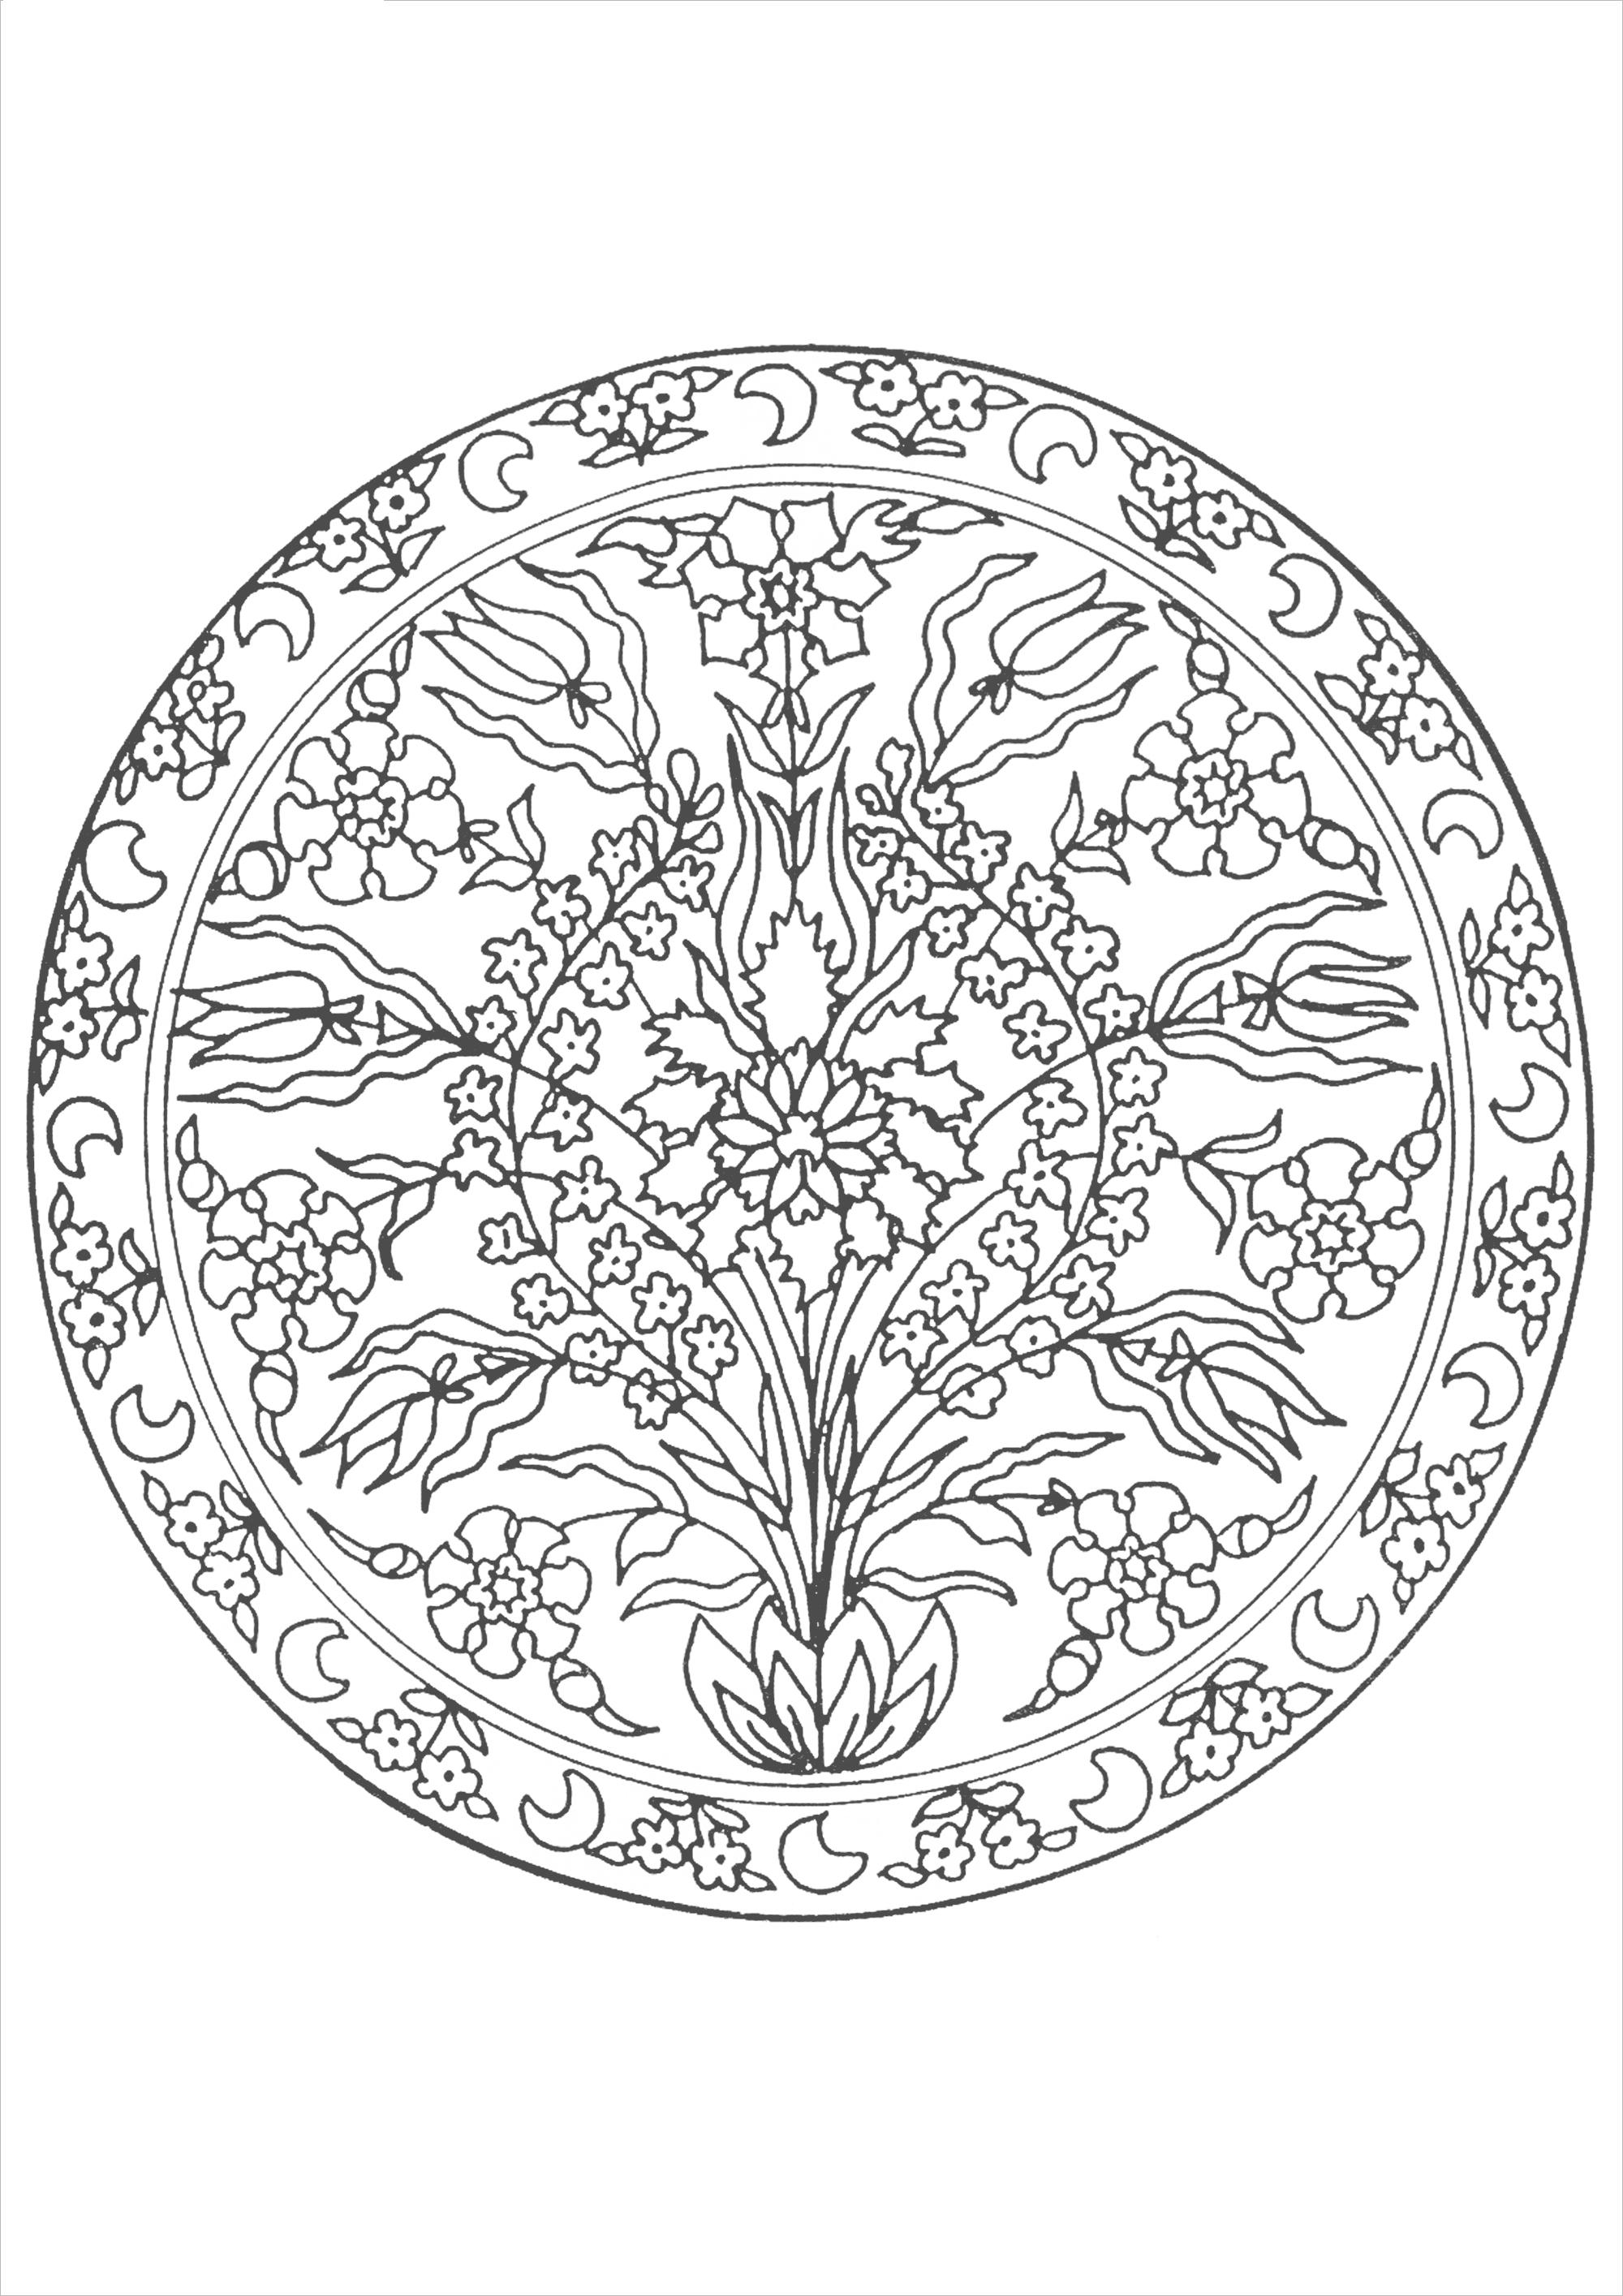 Волшебные цветы в орнаменте из круга